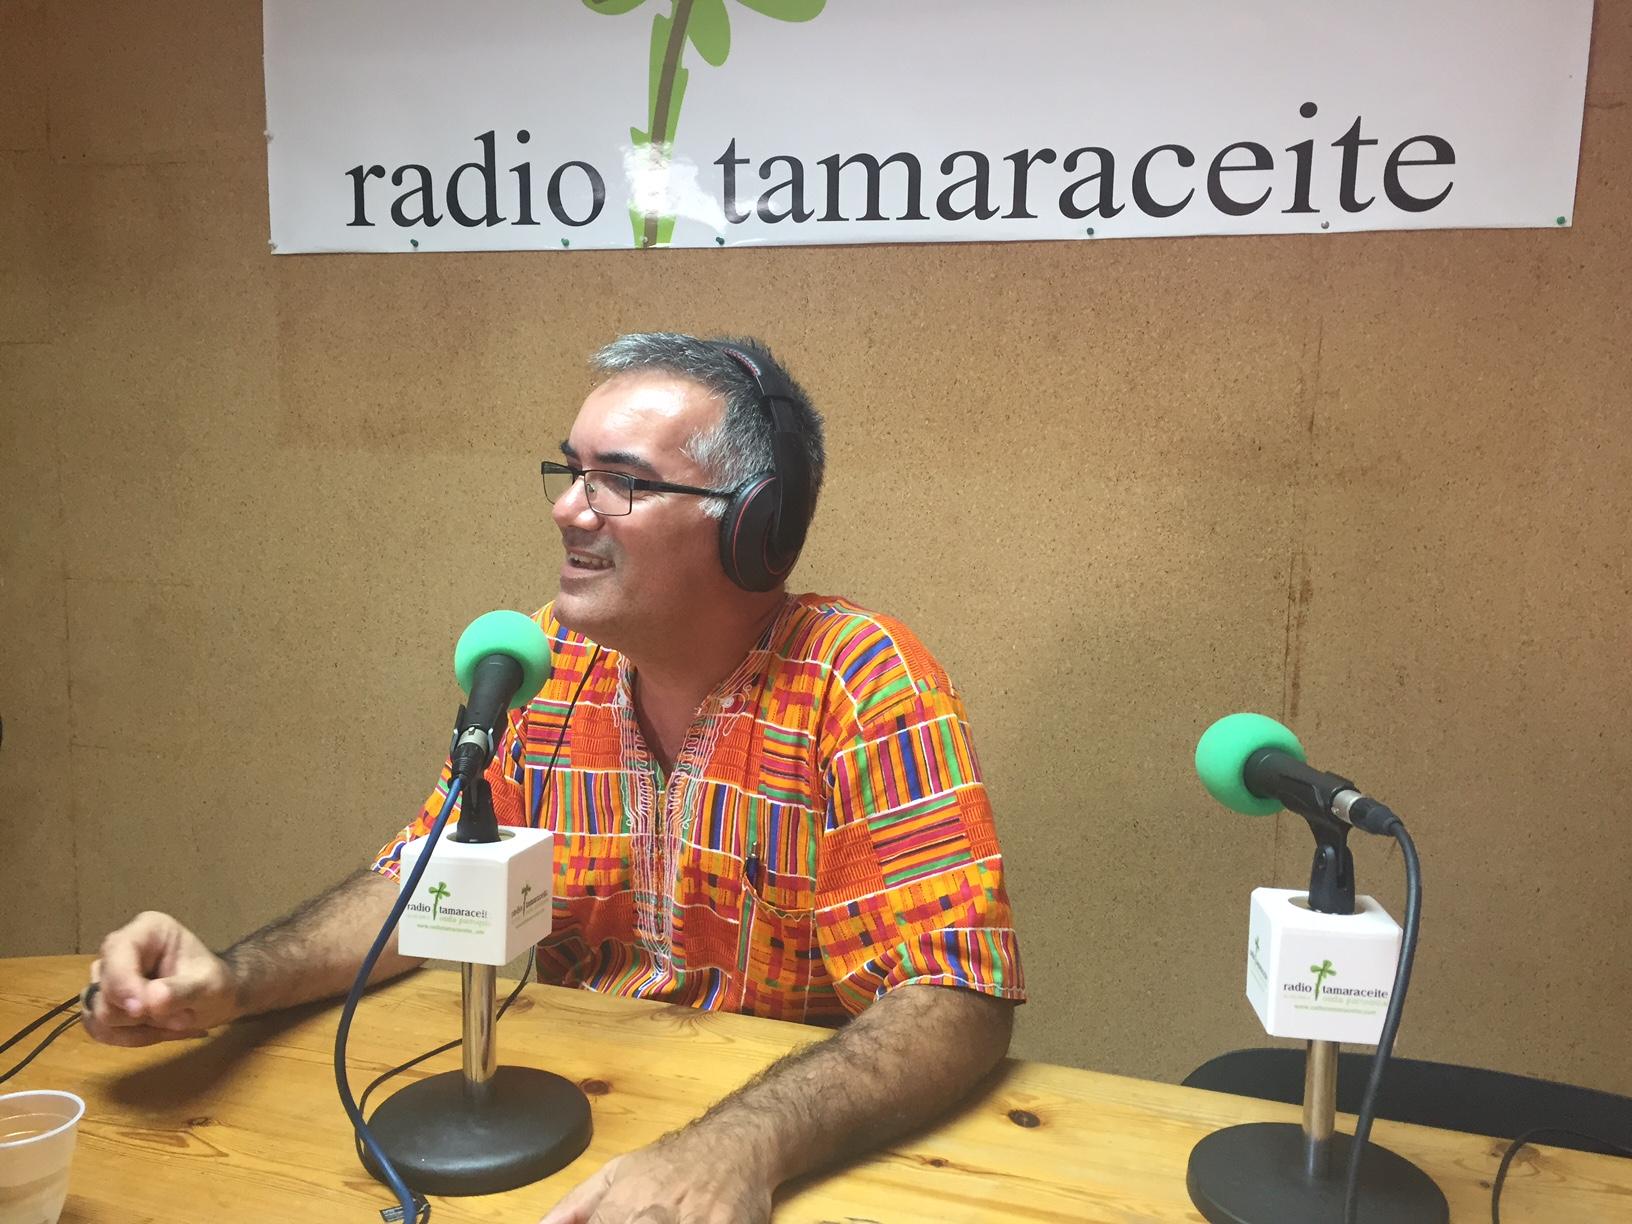 El delegado diocesano de Misiones, Manolín Ramirez, visita 'El andén'